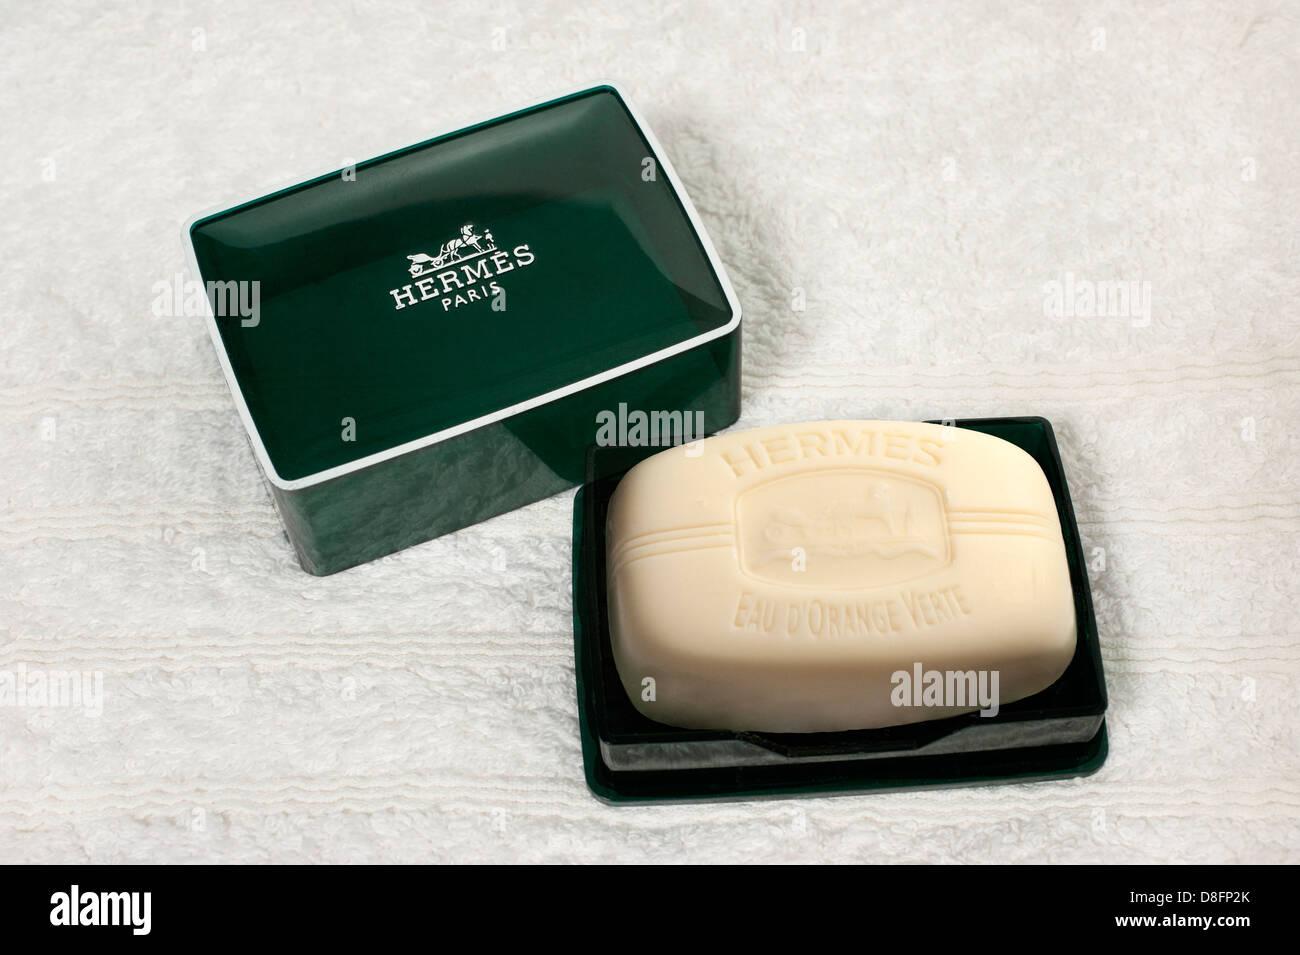 Luxus Bar des duftenden Handseife von Hermes auf einem weißen Handtuch Stockfoto